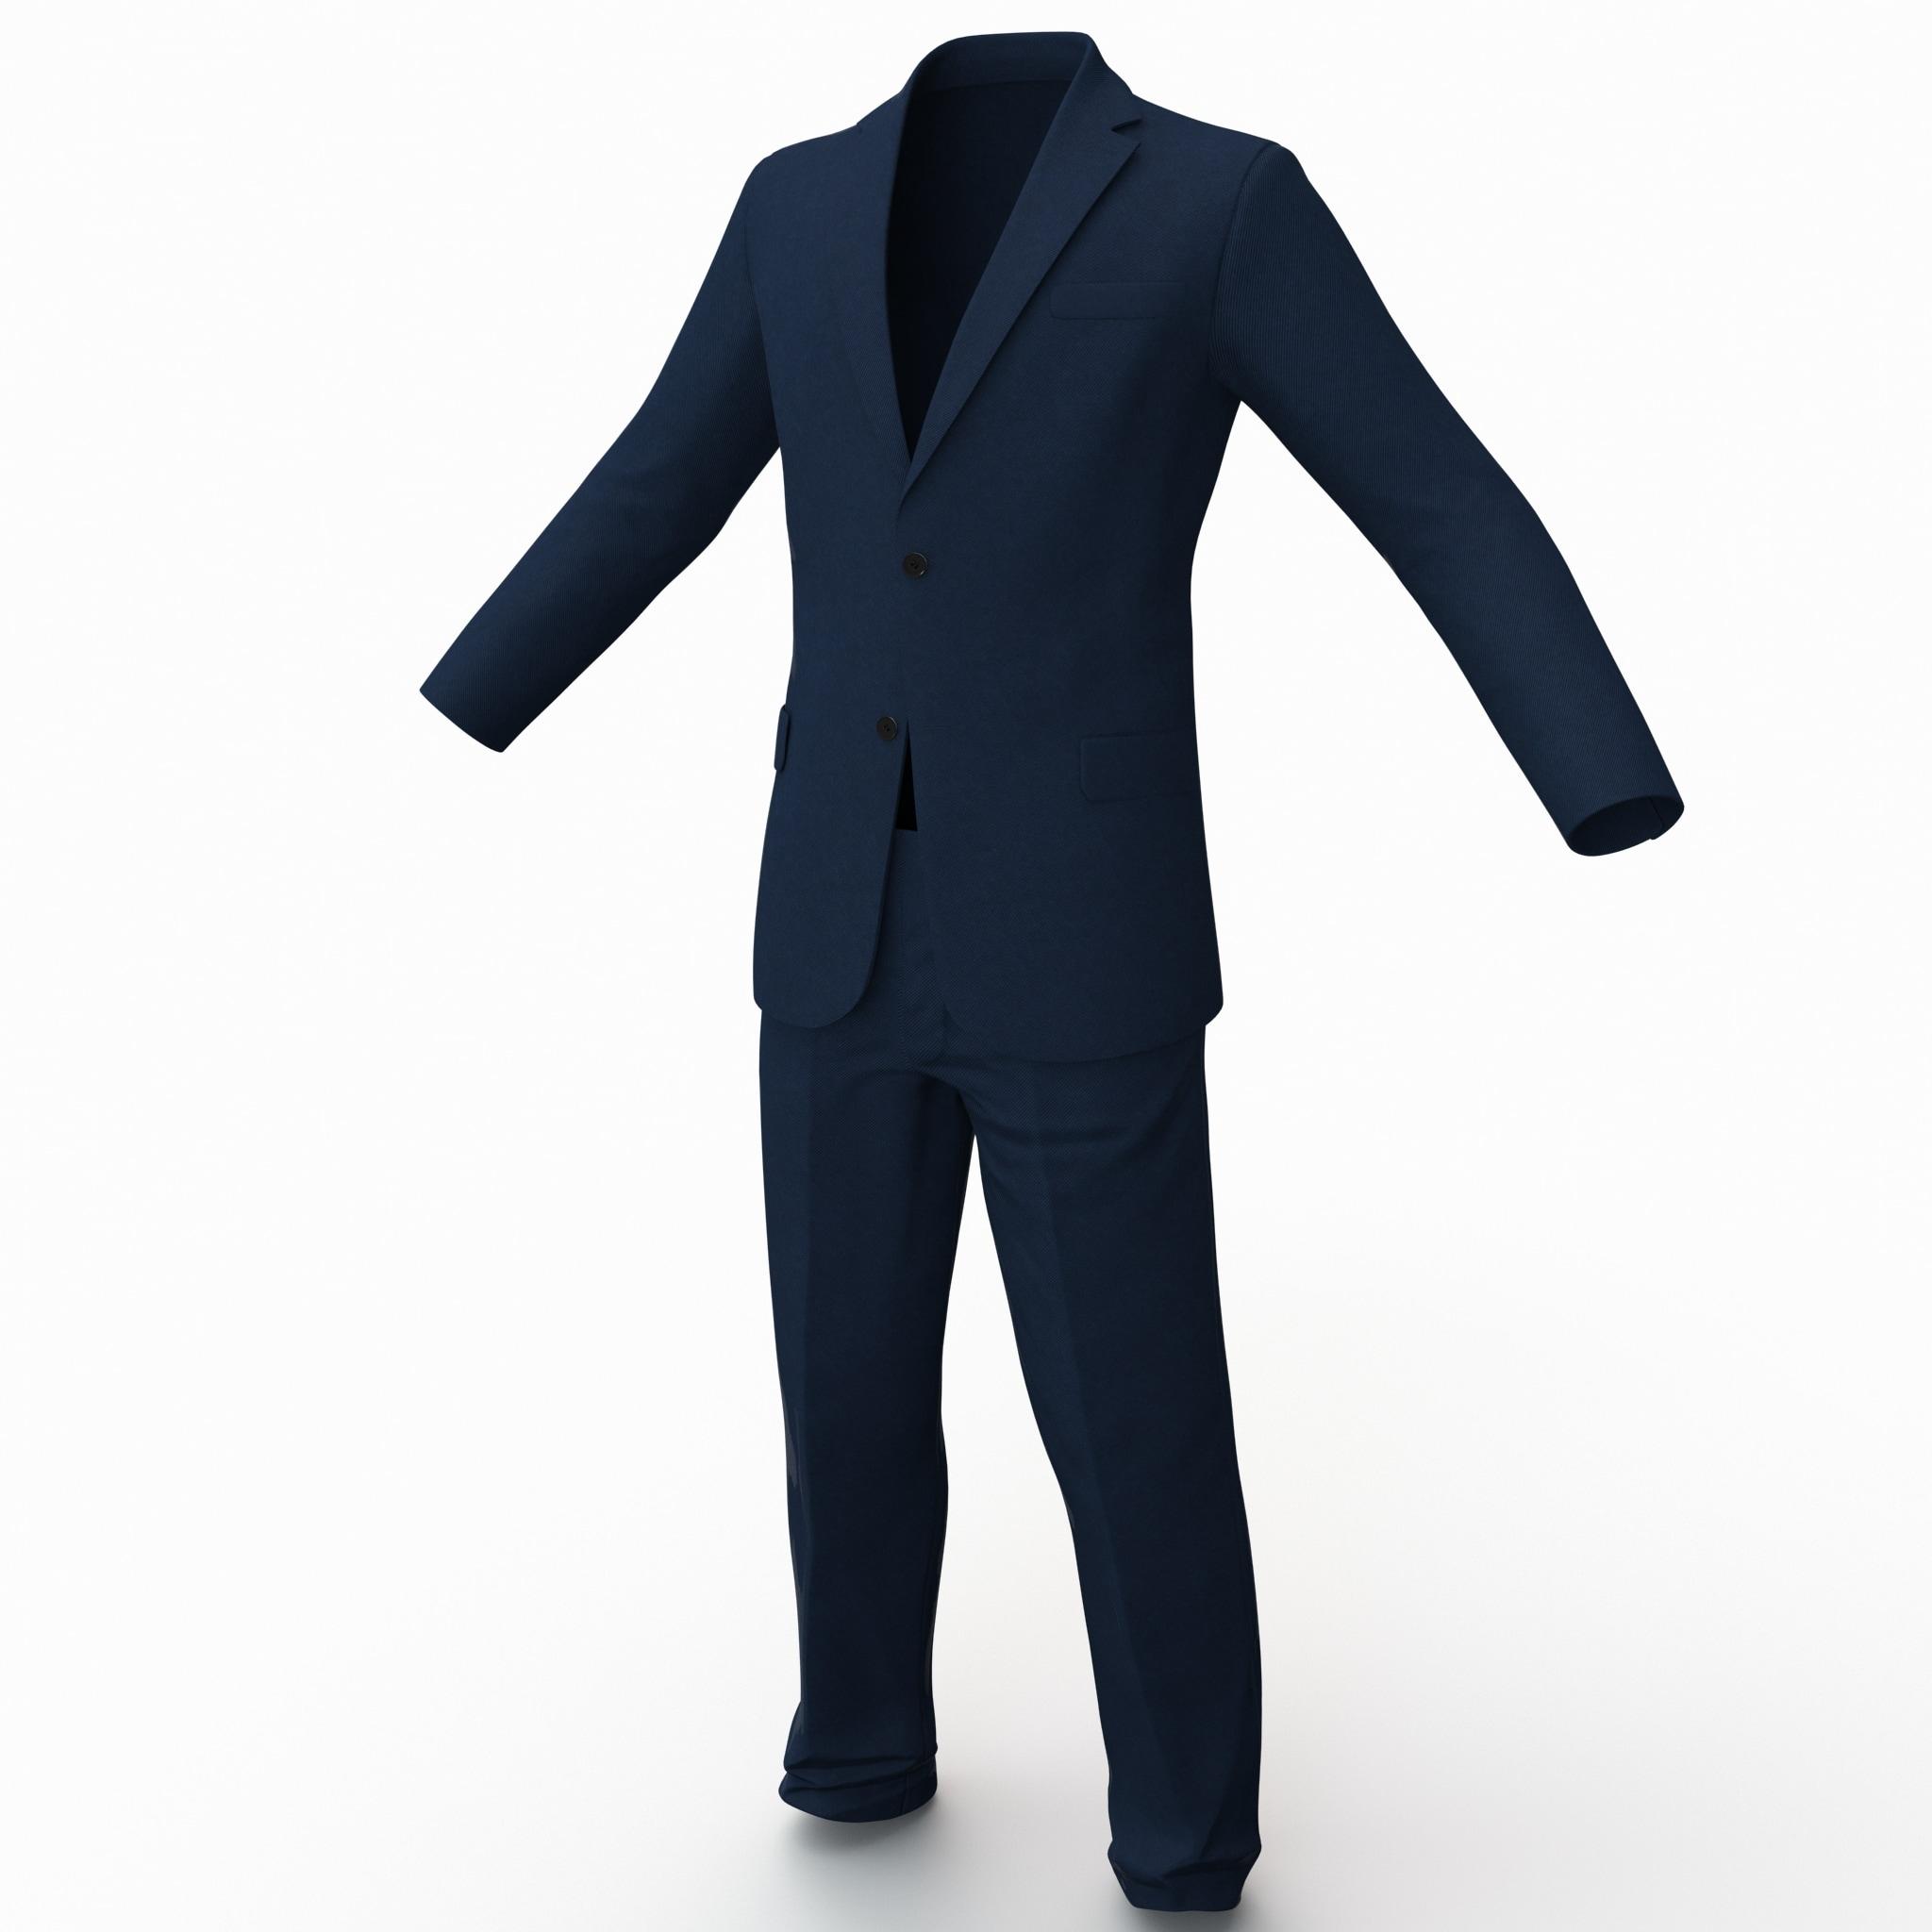 3d model suit 3